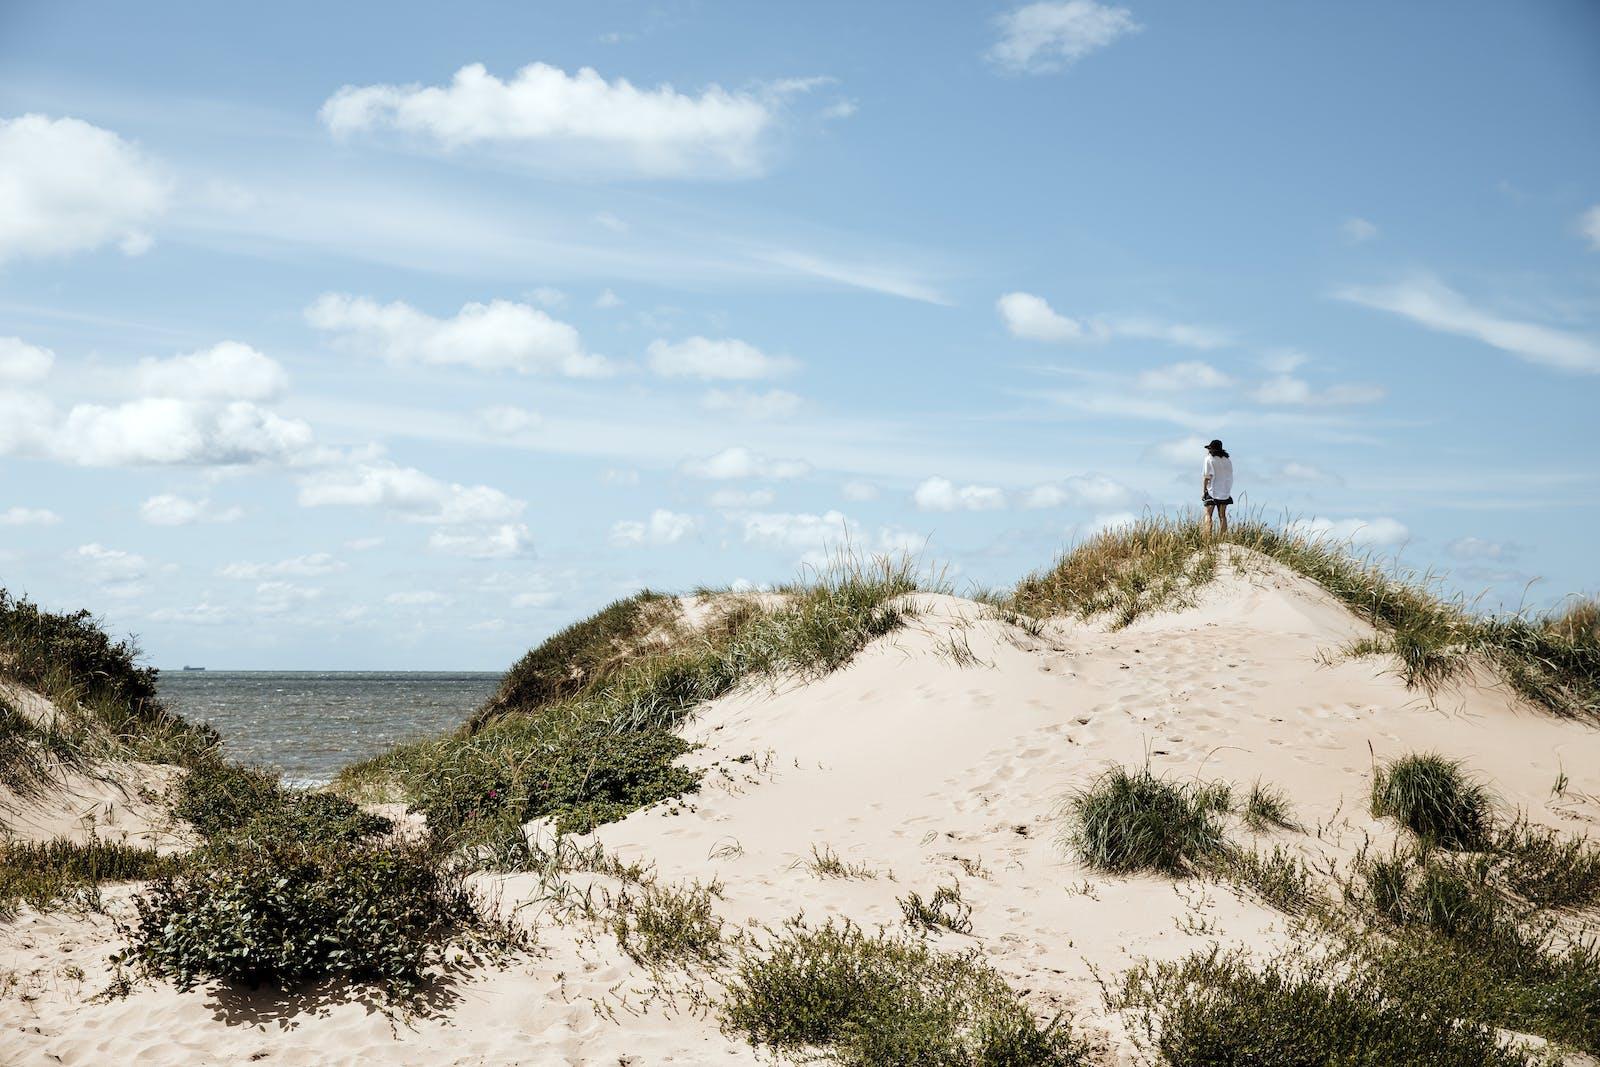 En person står på en sanddyn och blickar ut över havet.